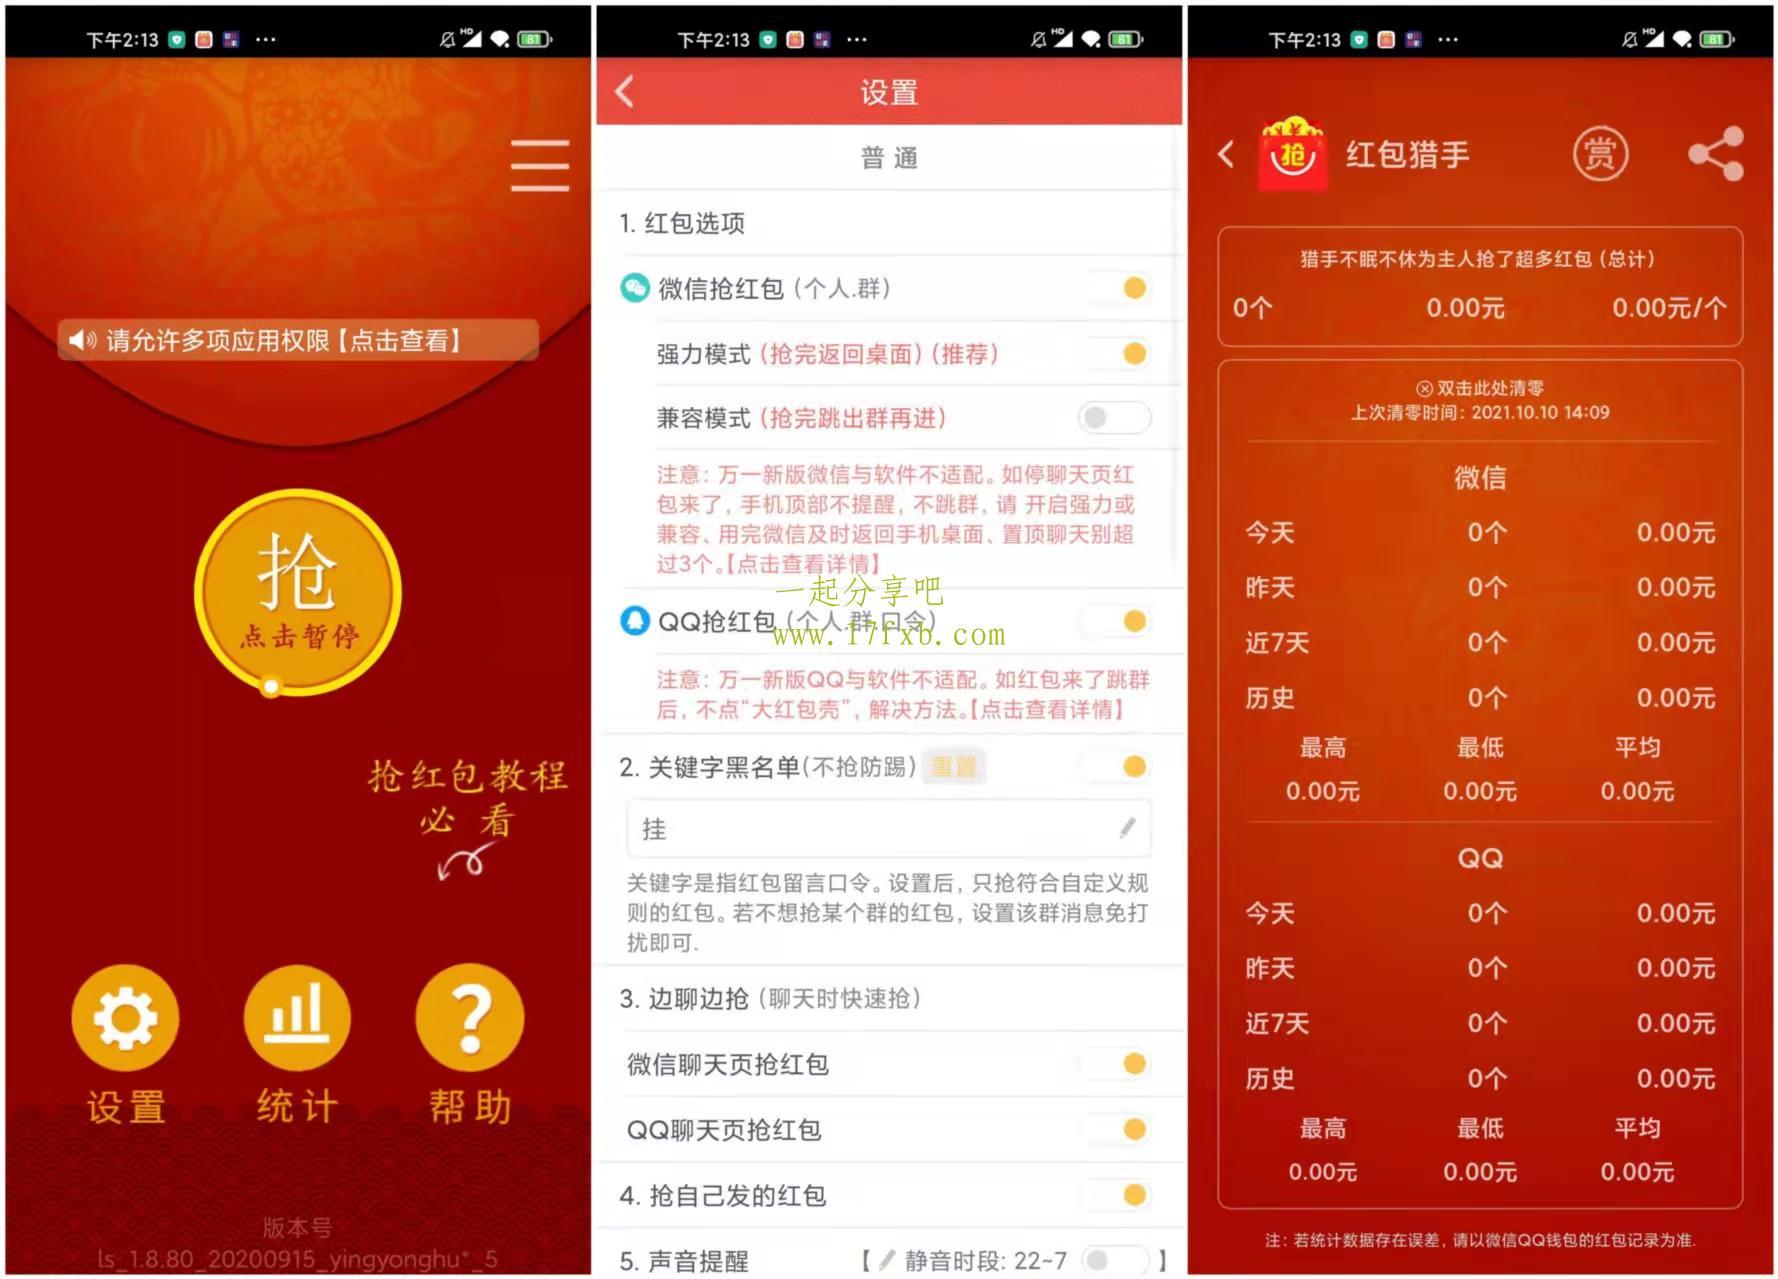 红包猎手 v1.8.0 ***版 QQ微信自动抢红包脚本 第1张